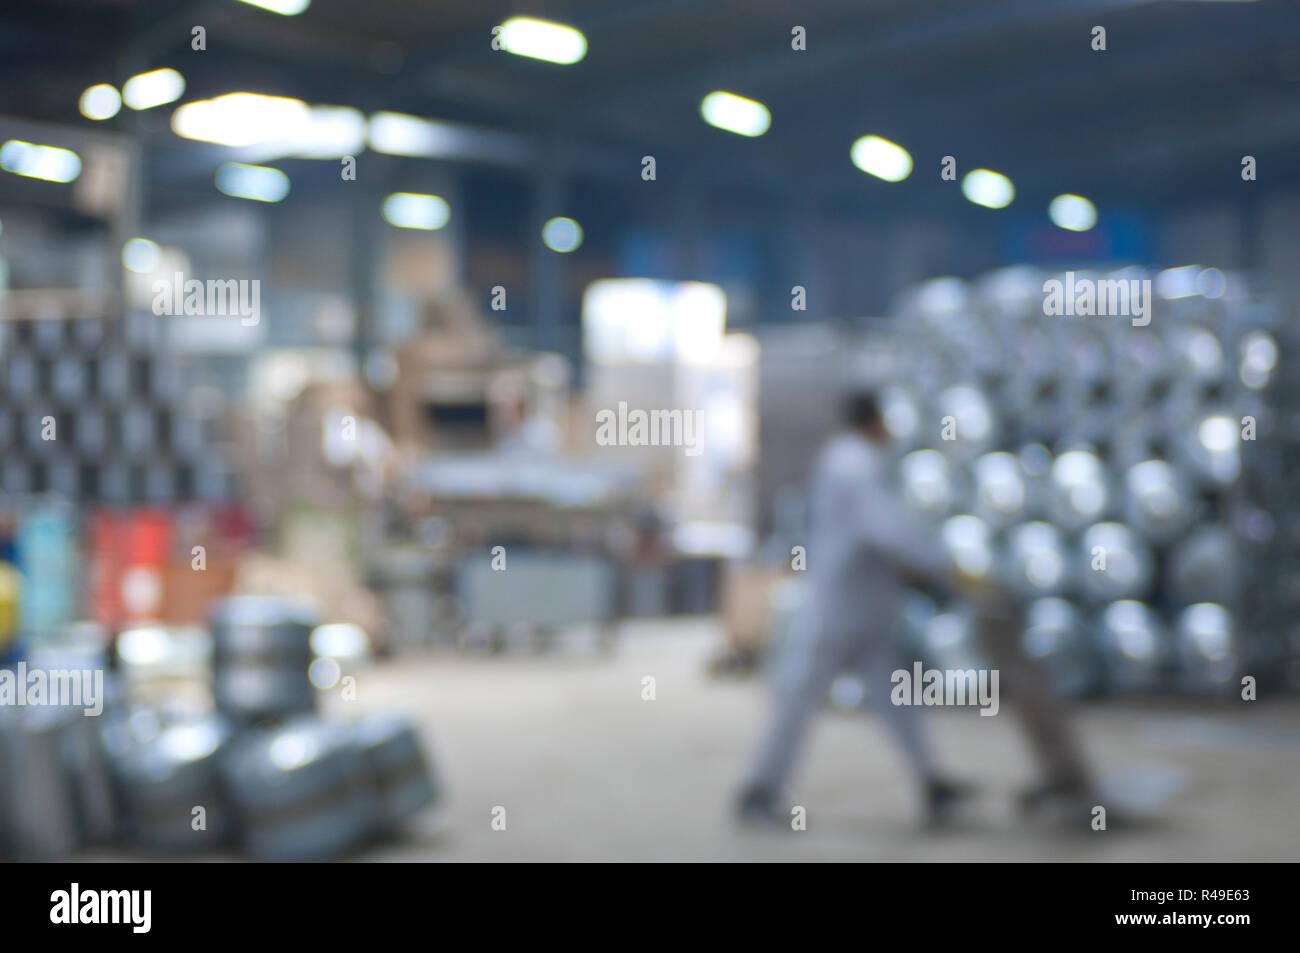 Abstract industriale sfocata l'immagine di sfondo di un acqua-riscaldatori di acciaio interno di fabbrica Immagini Stock